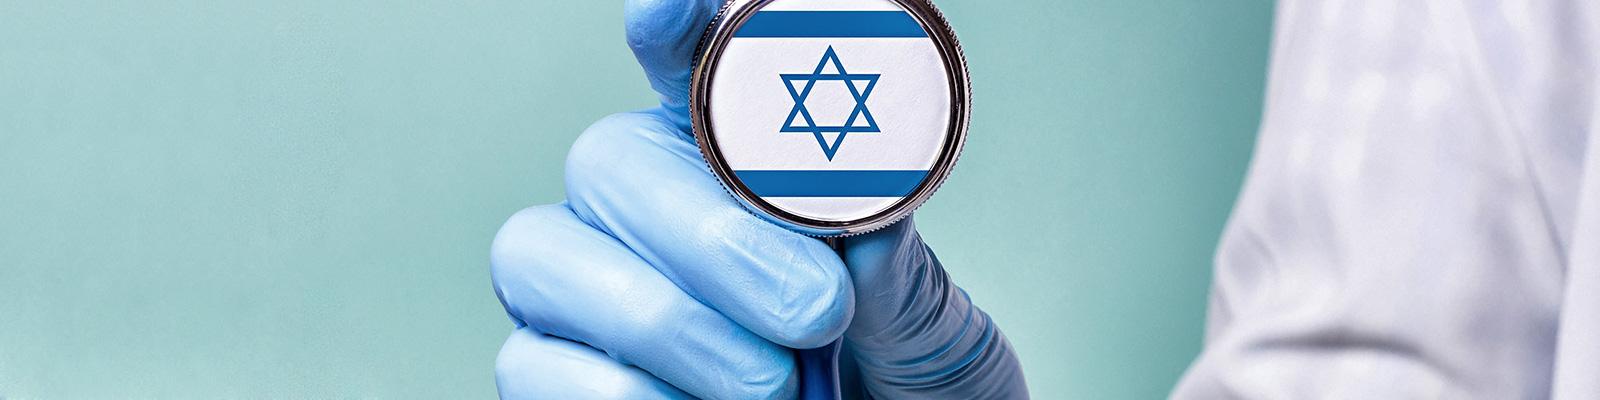 医療 イスラエル イメージ